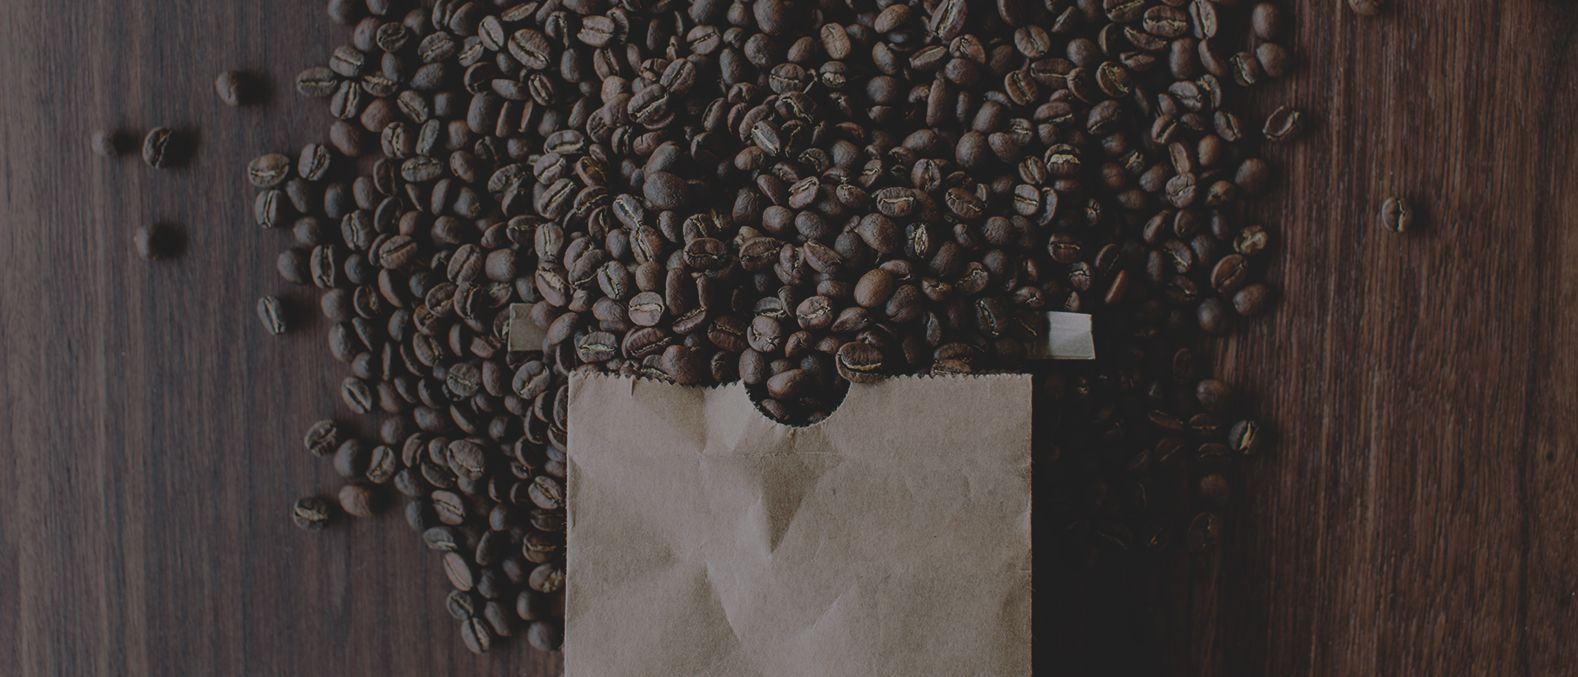 Plein air coffee